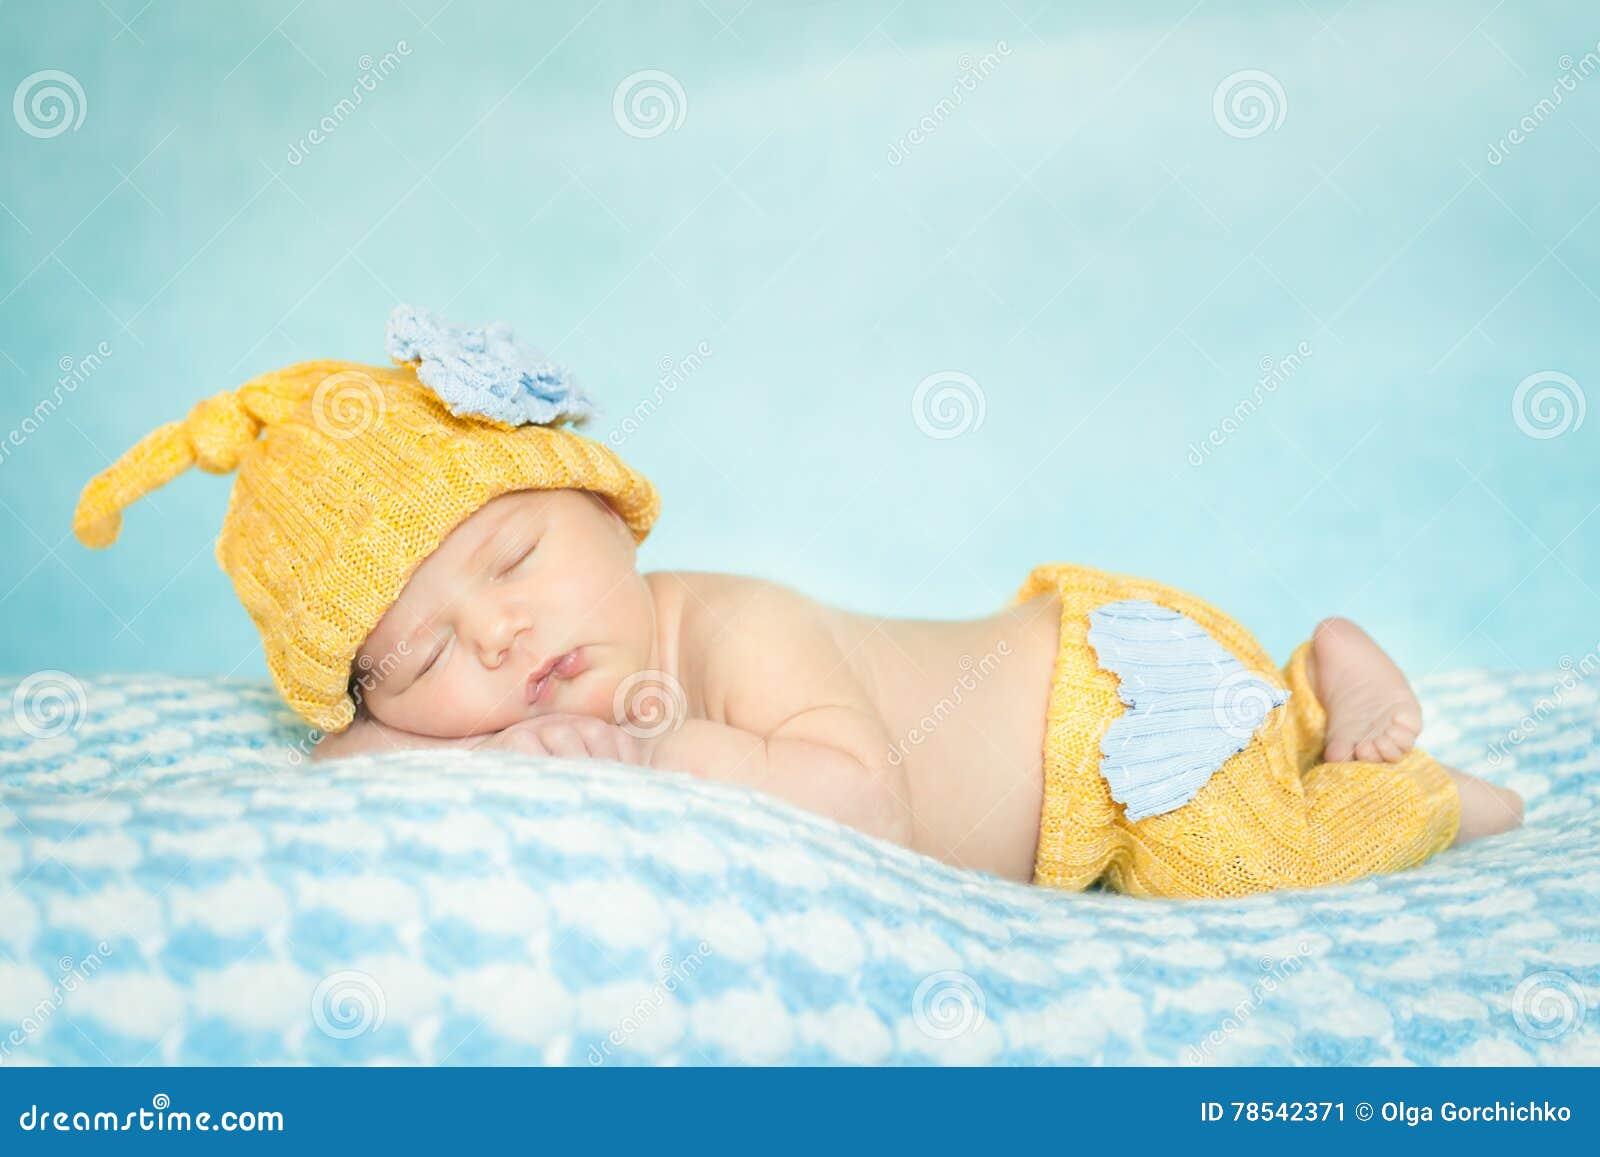 Sleeping Newborn Baby Stock Image Image Of Adorable 78542371